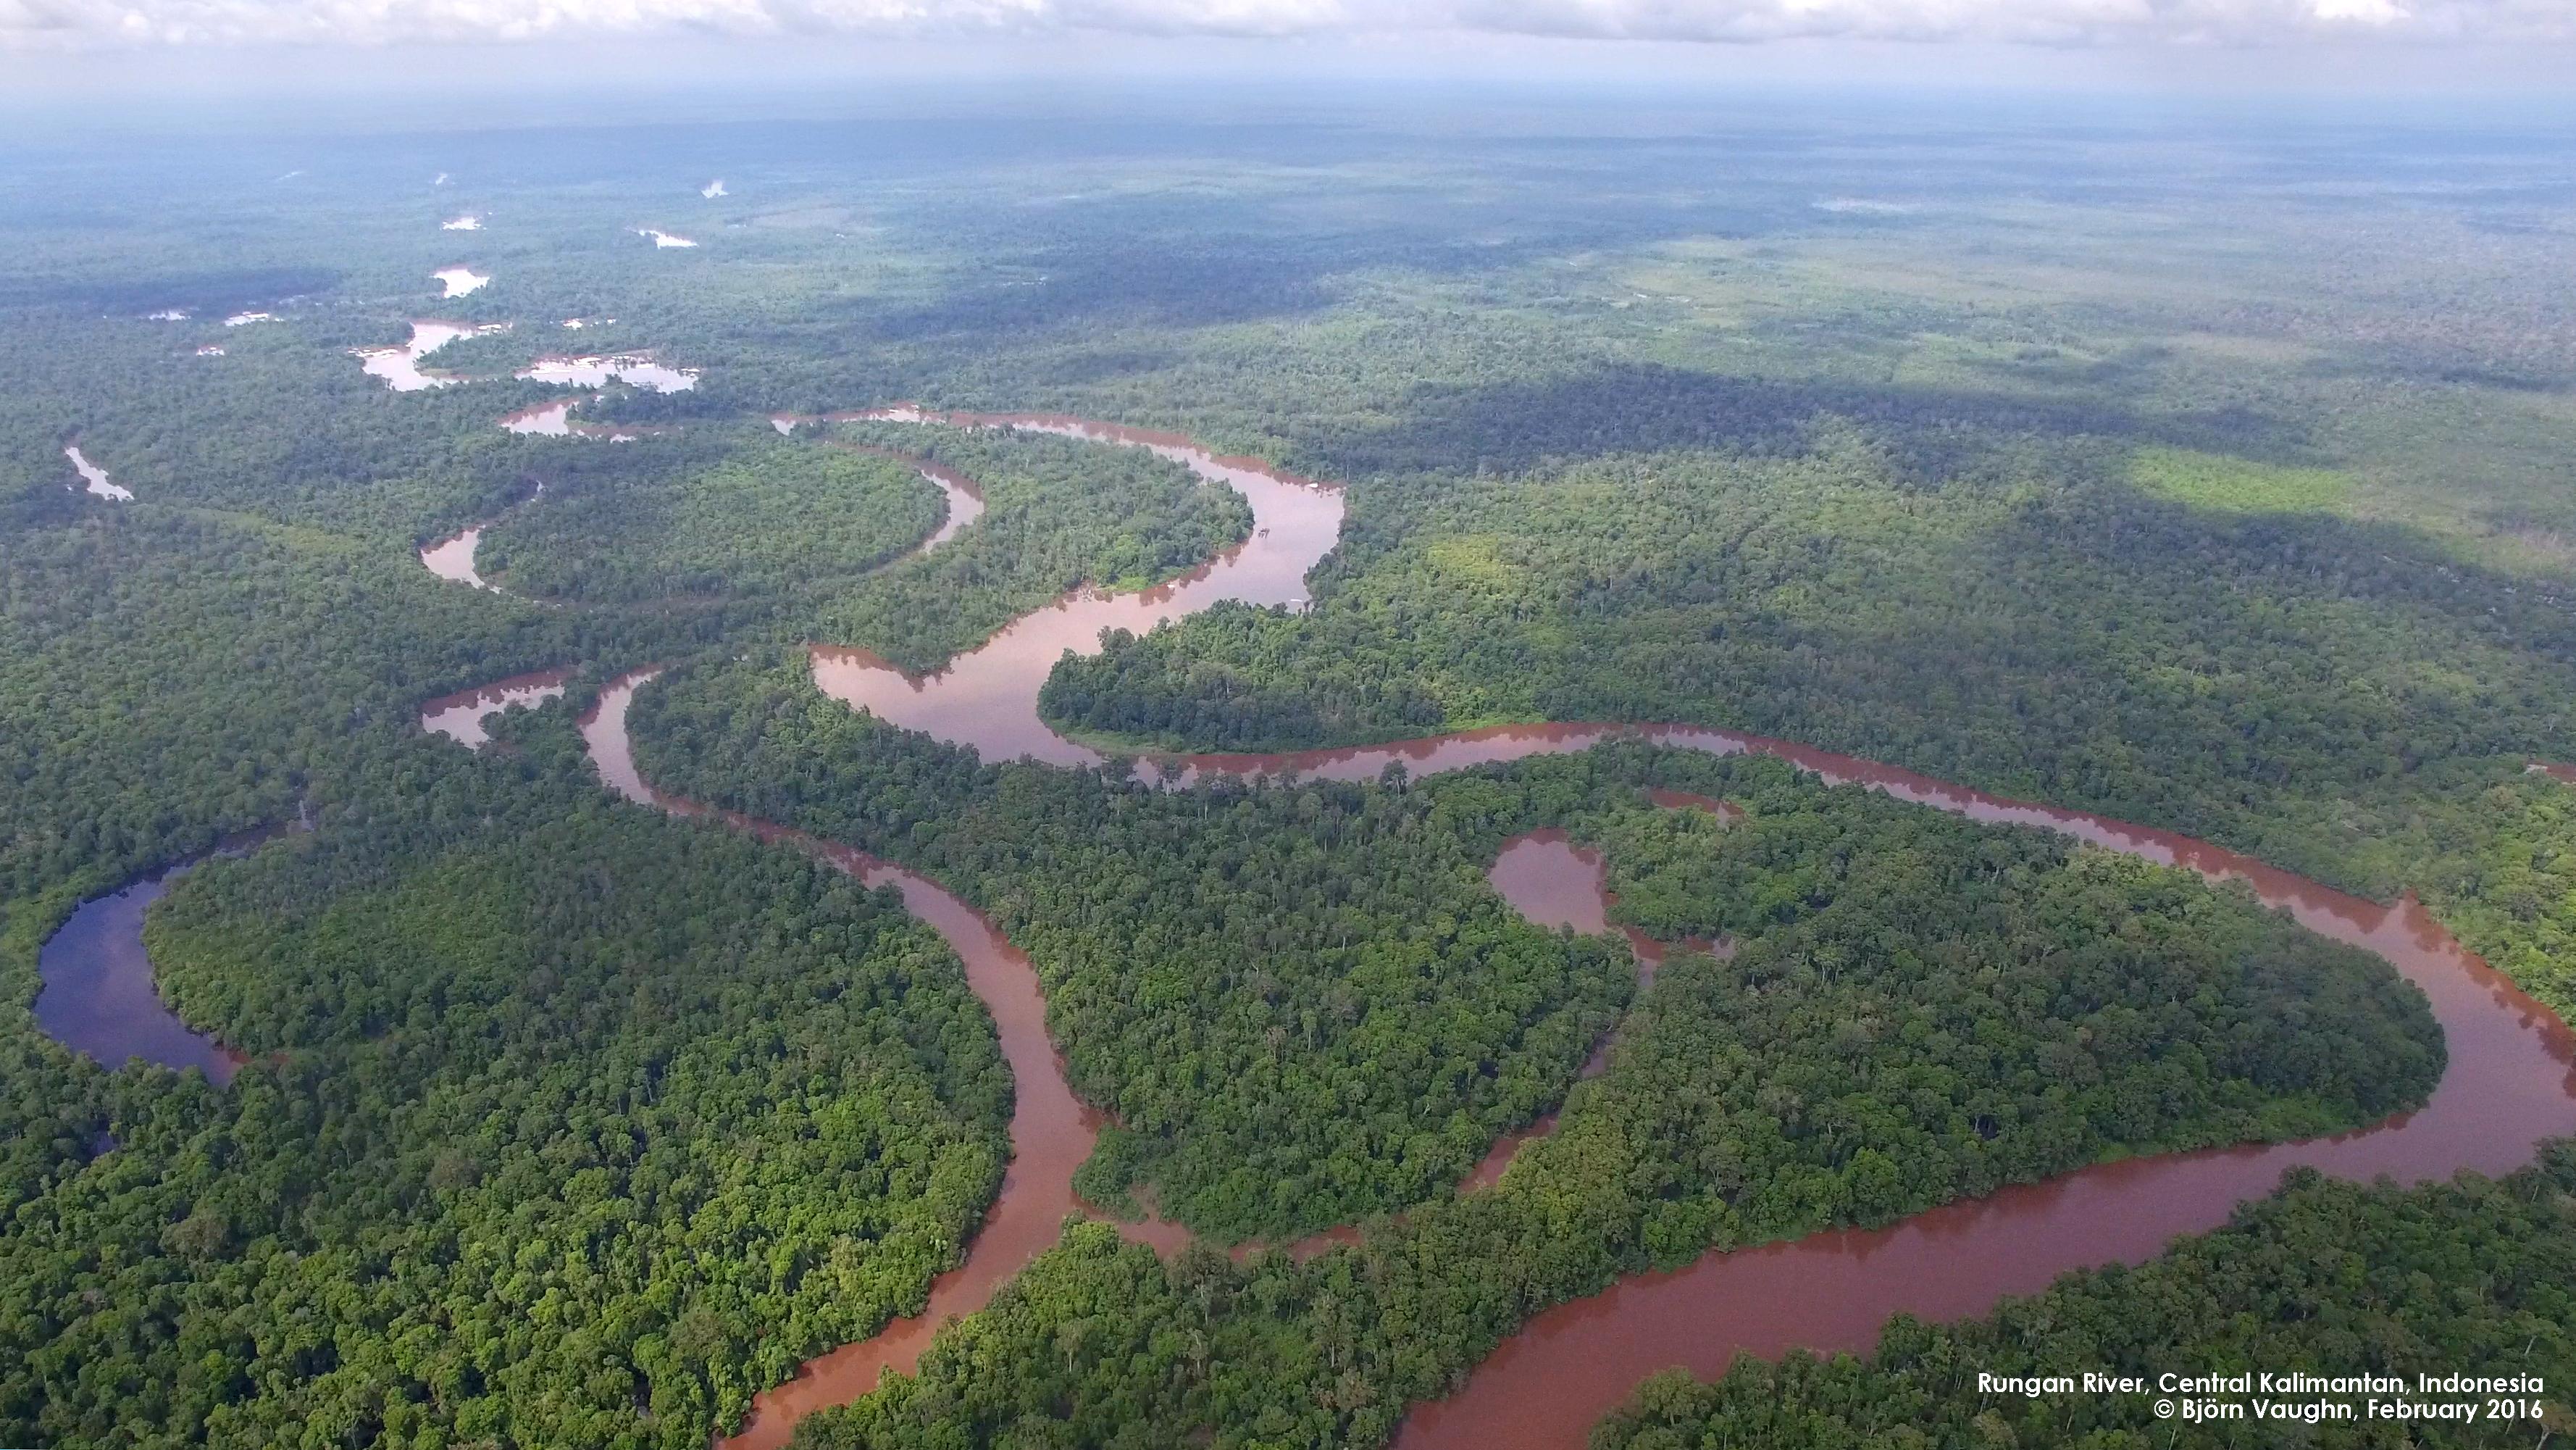 Rungan River landscape